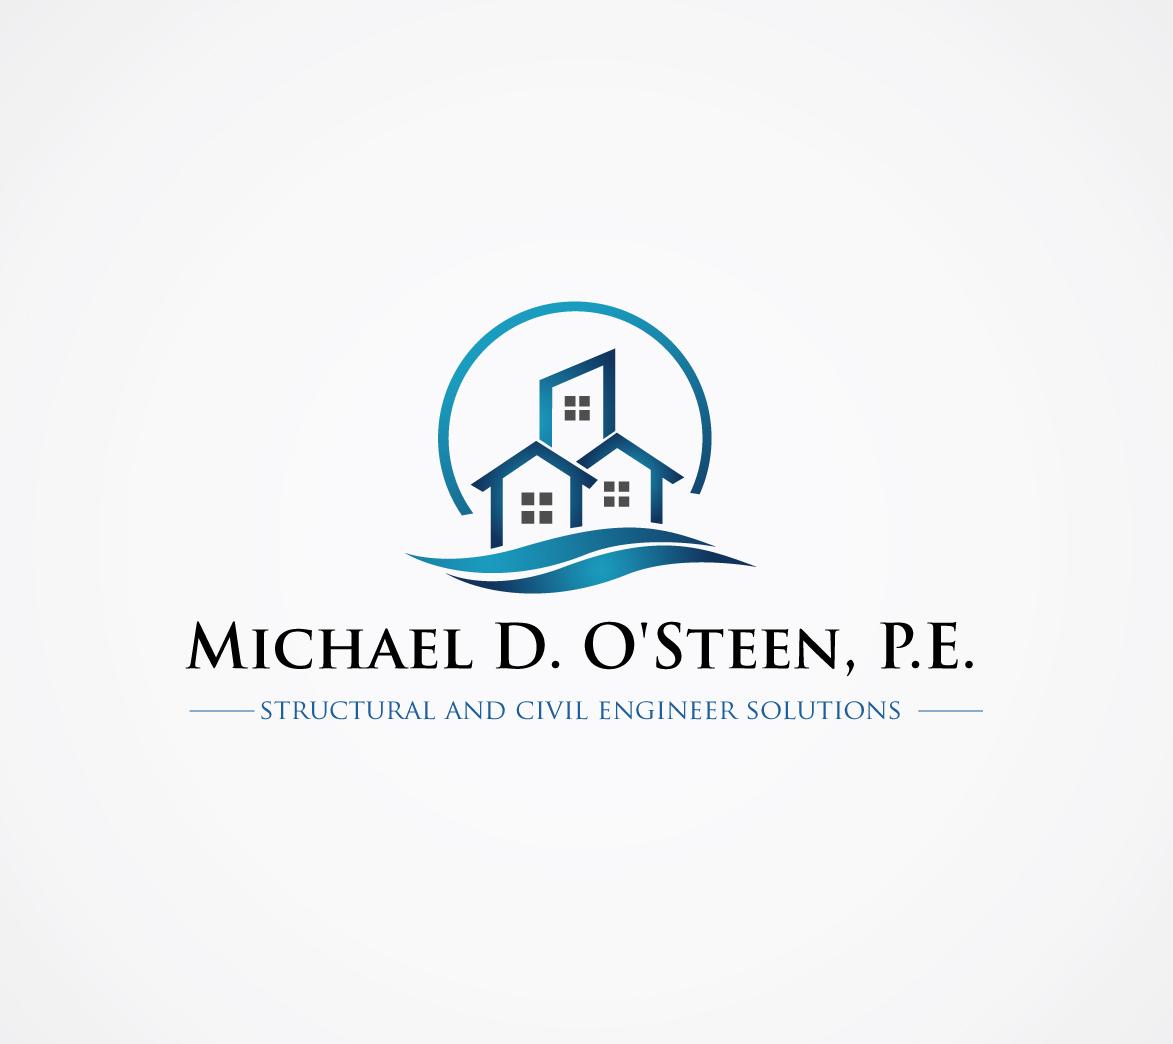 Logo Design by nila - Entry No. 135 in the Logo Design Contest Michael D. O'Steen, P.E.  Logo Design.